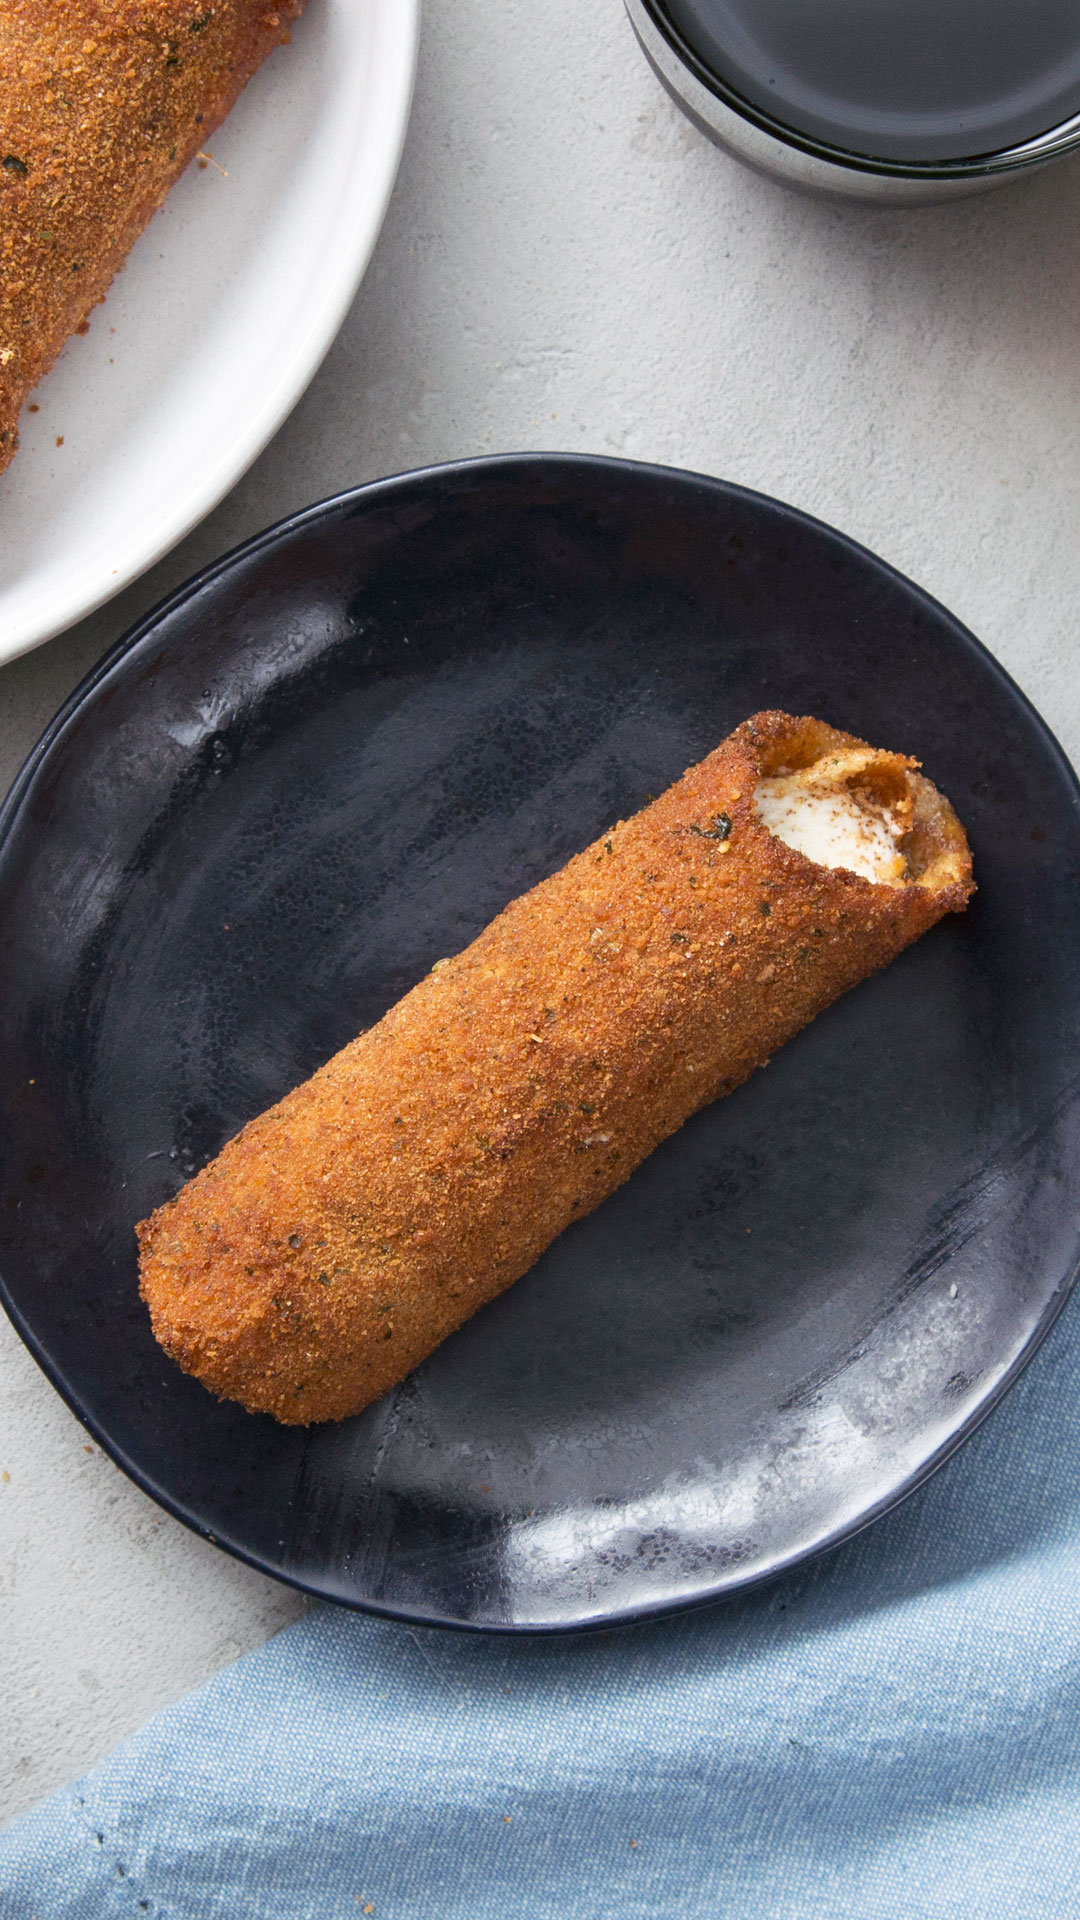 Mozzarella-Stuffed Fried Manicotti